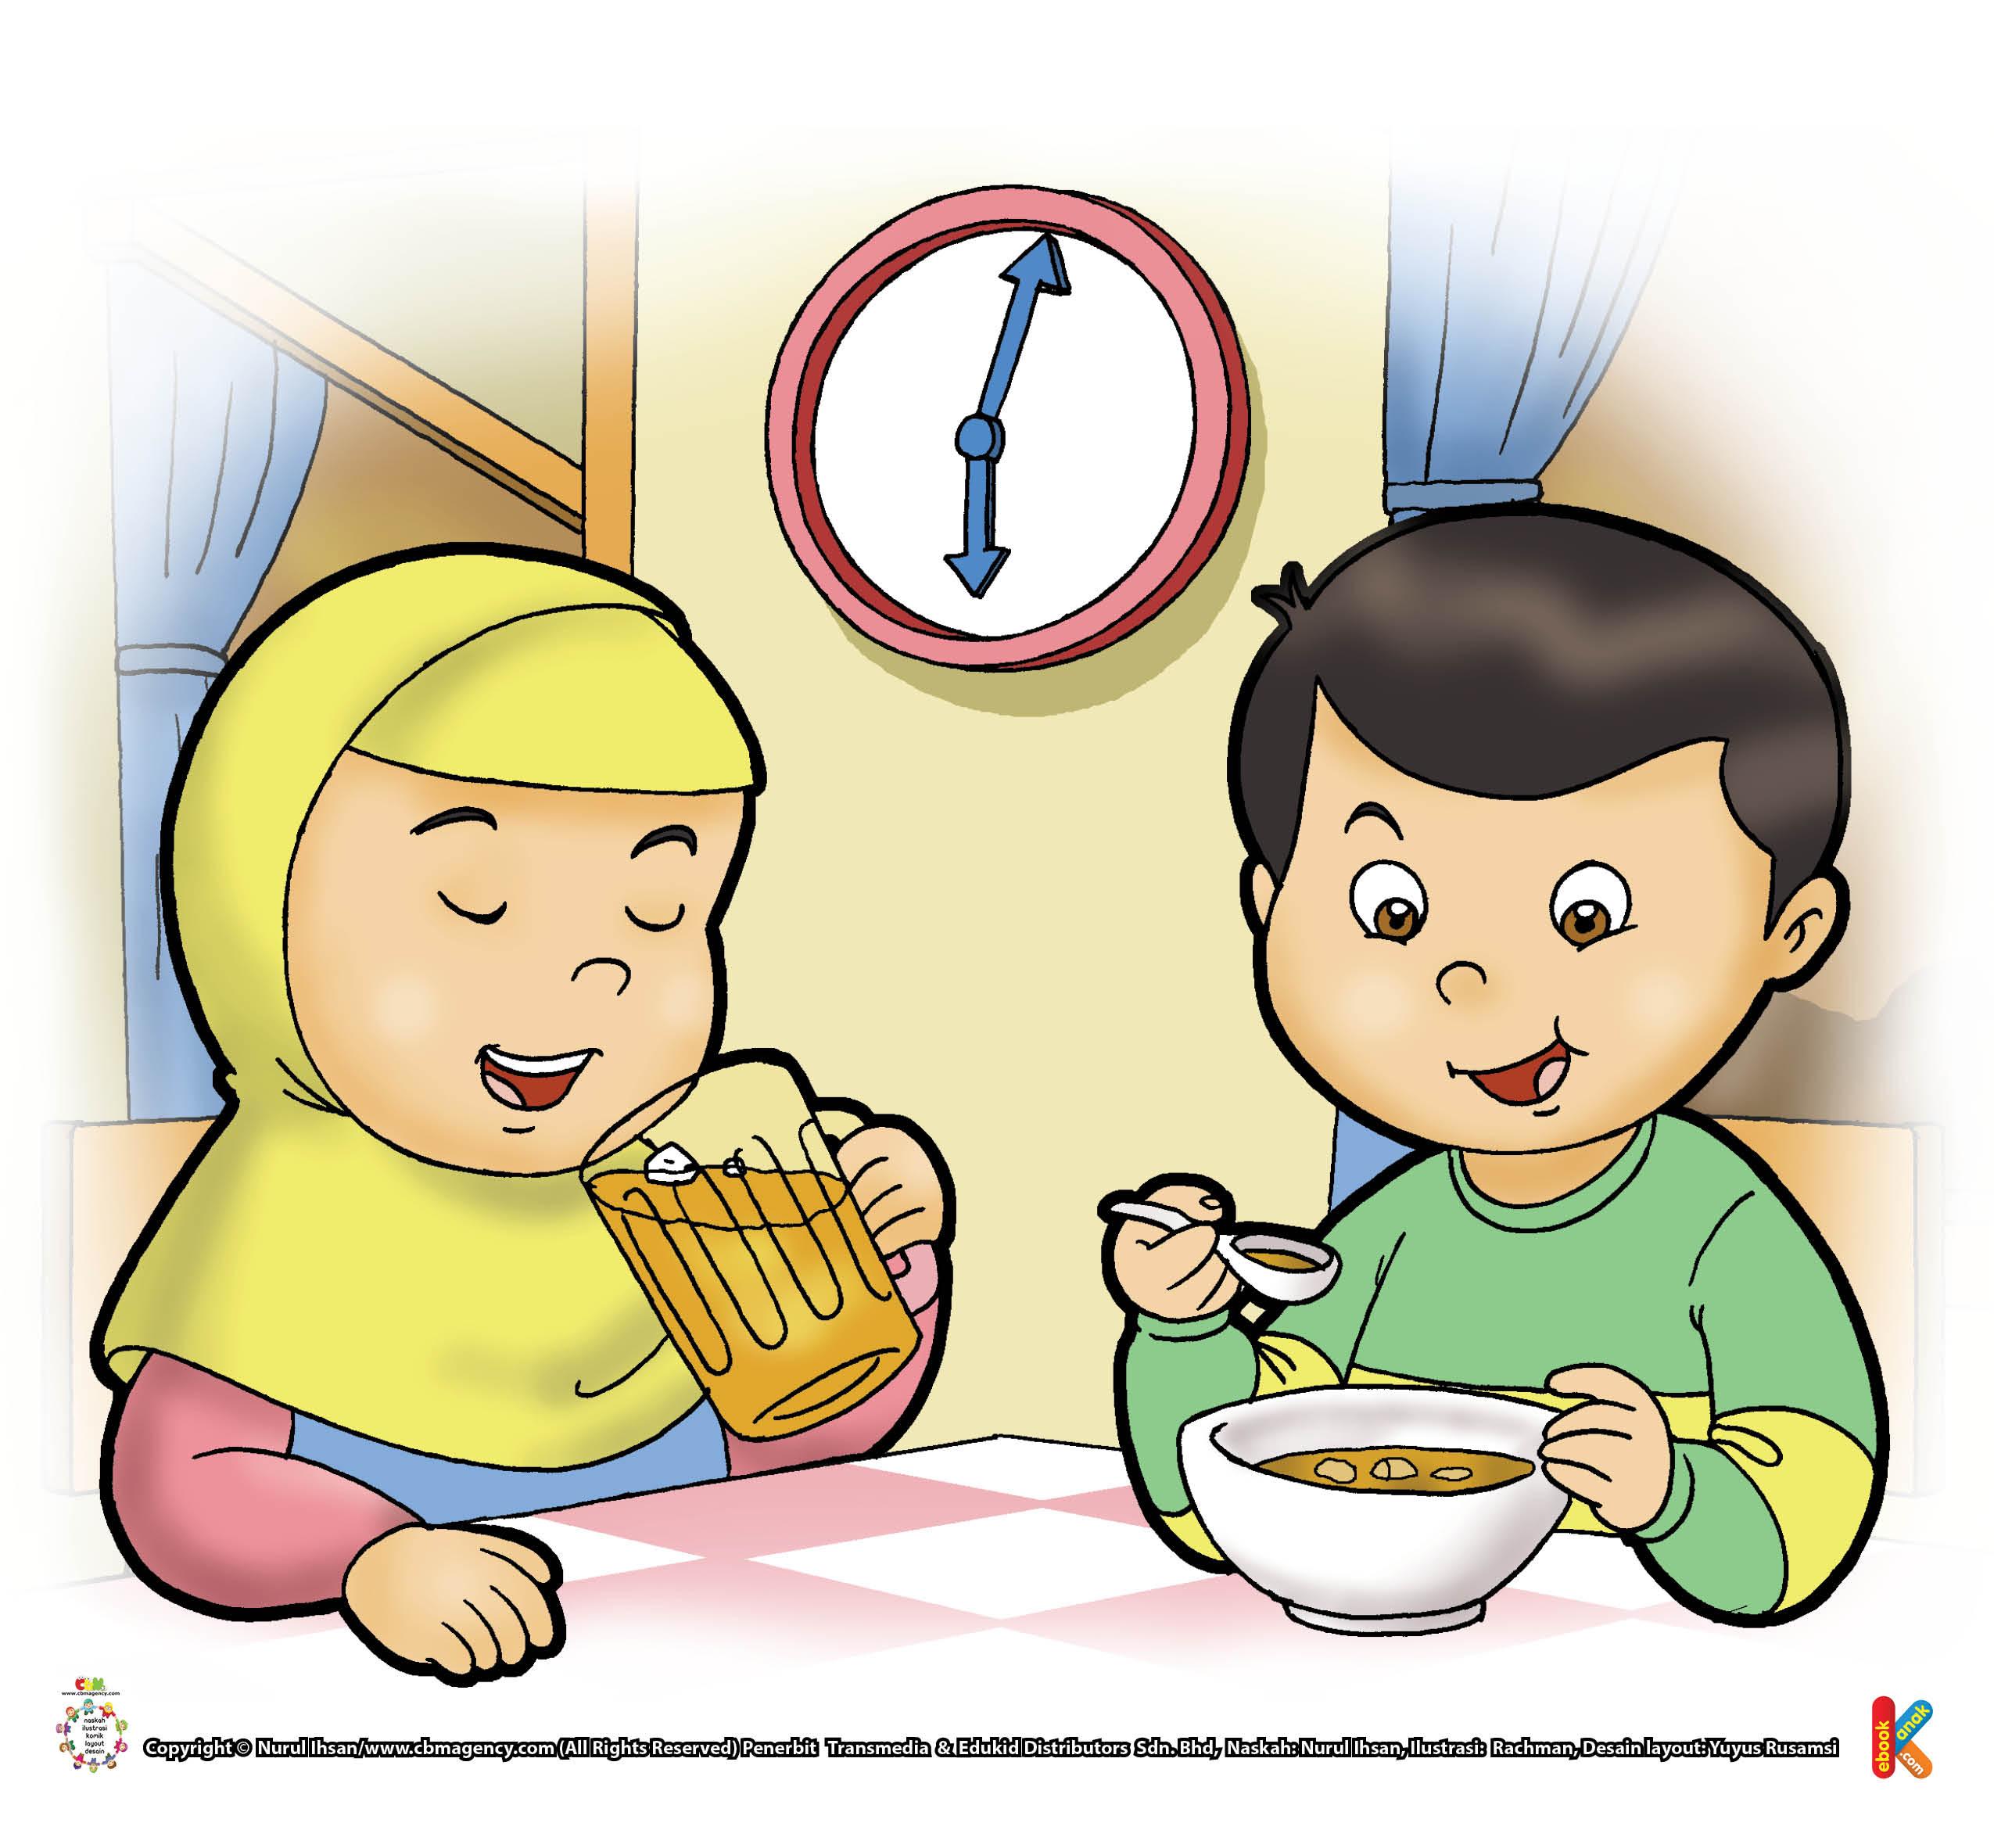 Berbukalah dengan yang manis, sebelum makan nasi atau makan yang lainnya.